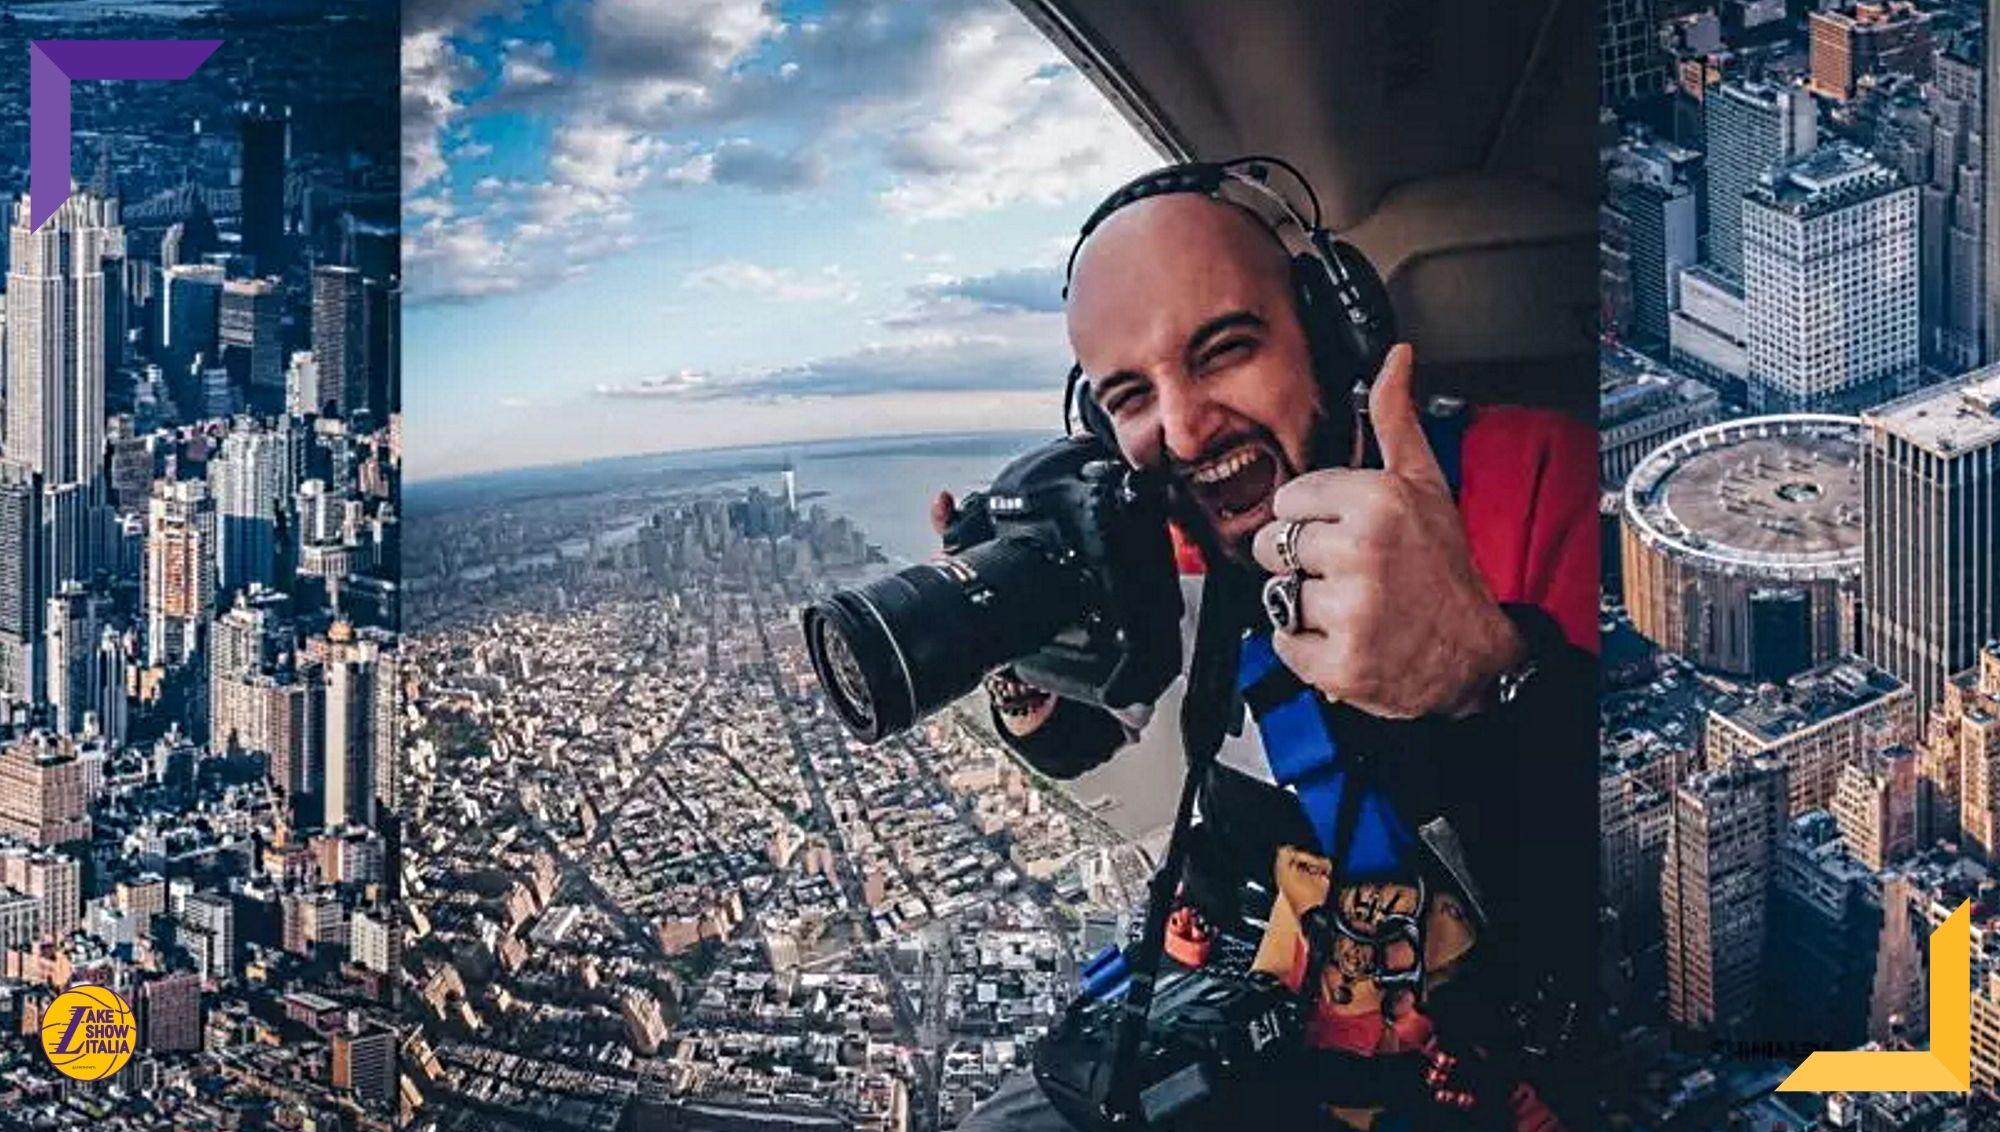 Intervista a Matteo Marchi, fotografo imolese entrato a far parte del team ufficiale dei New York Knicks e tra i più apprezzati in NBA.